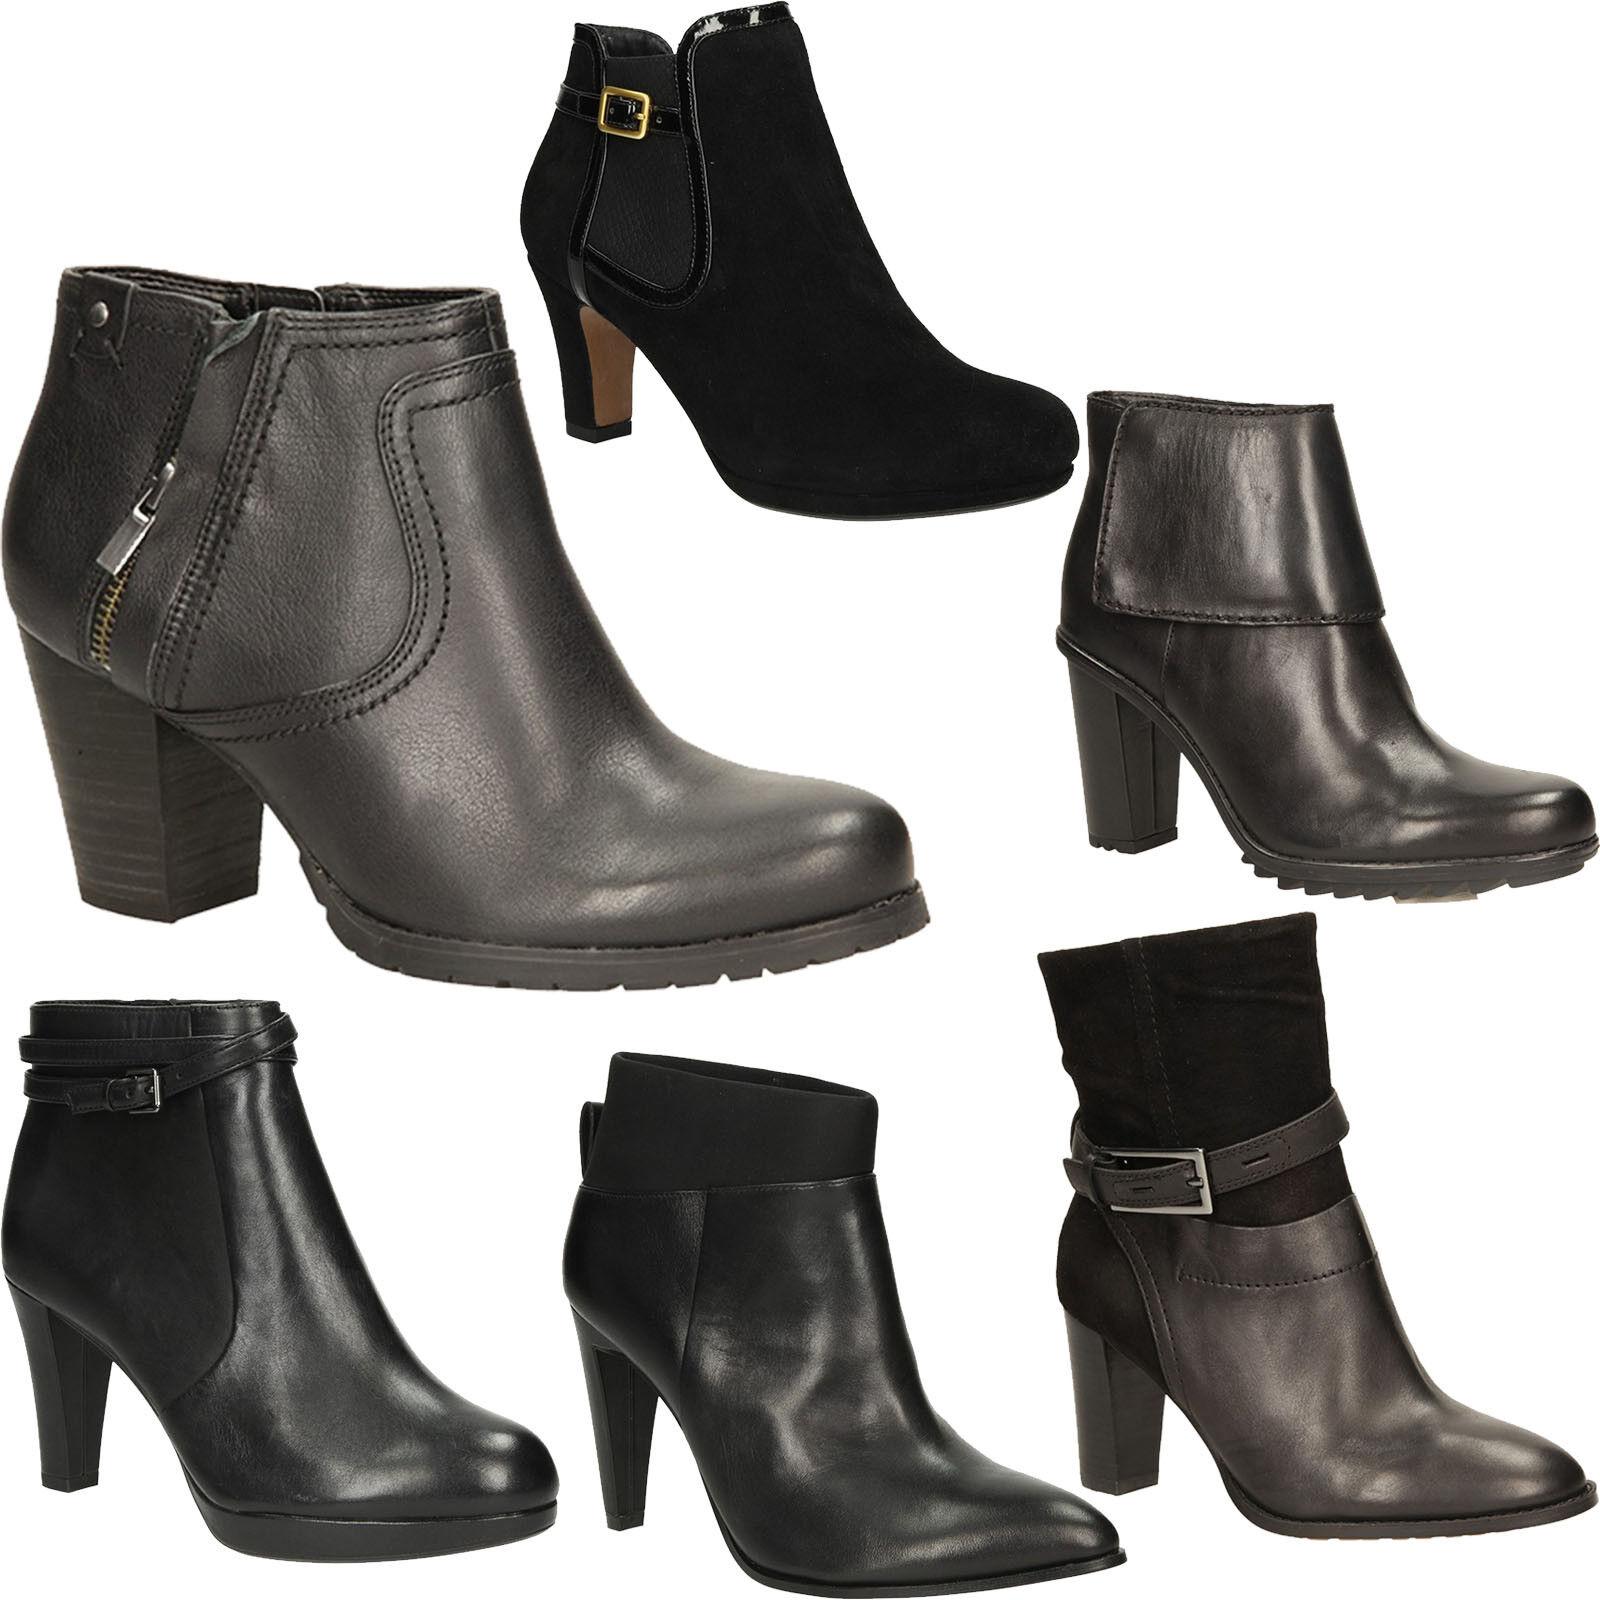 Señora botas Clarks zapato bajo mocasines cremallera cremallera cremallera a la moda talla 36-41 nuevo  con 60% de descuento